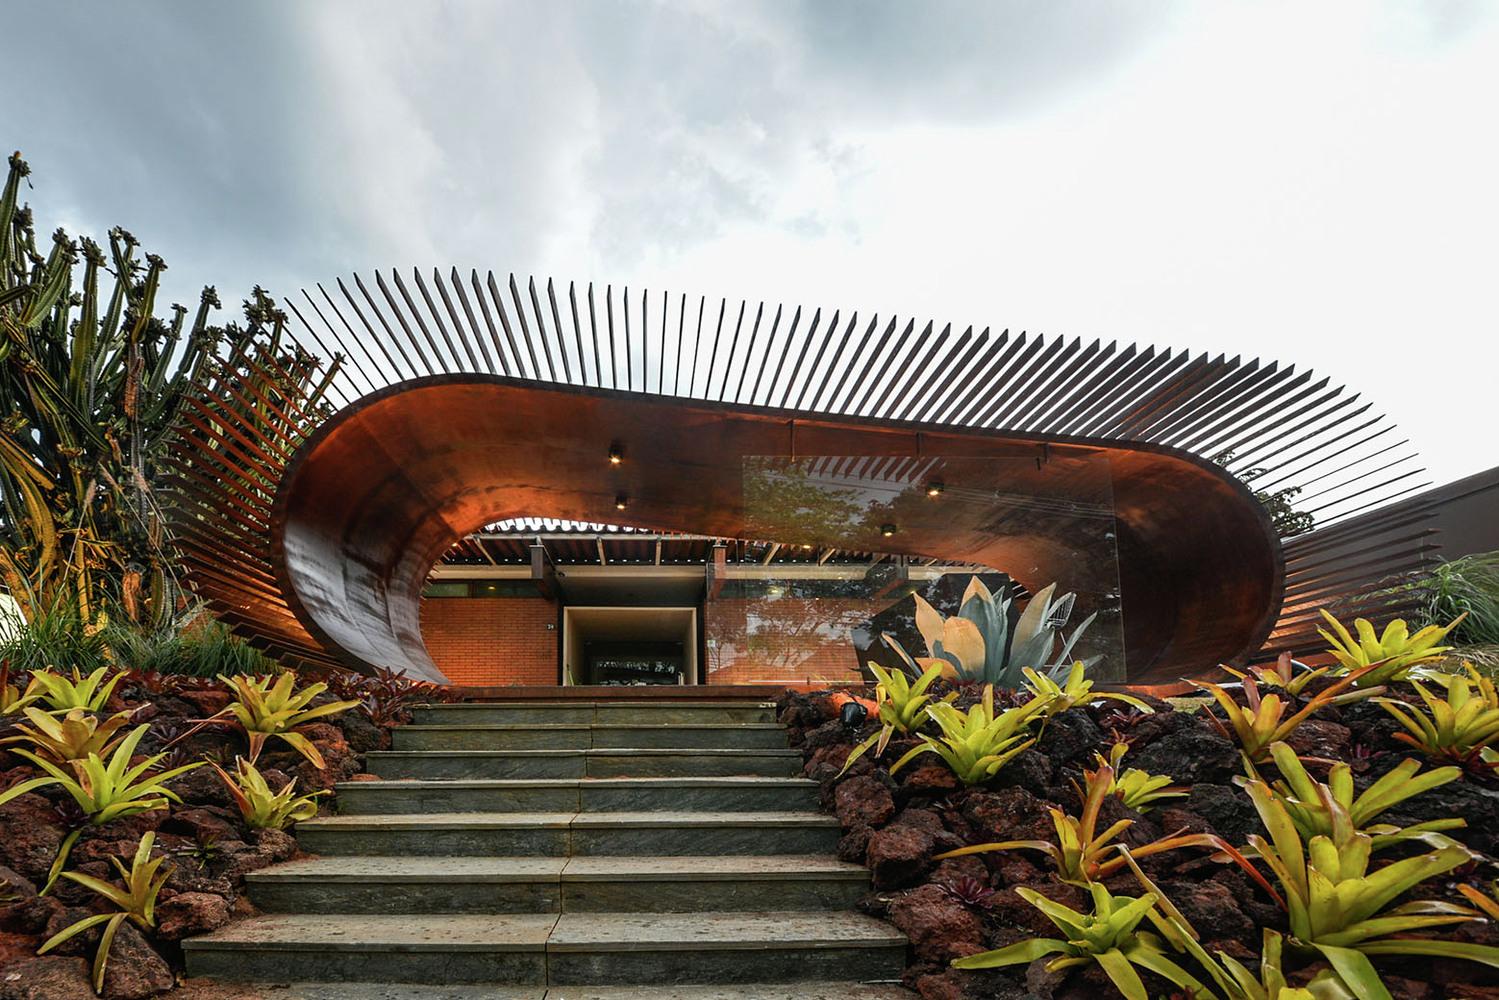 Оформление выставки: фасад павильона эллиптической формы